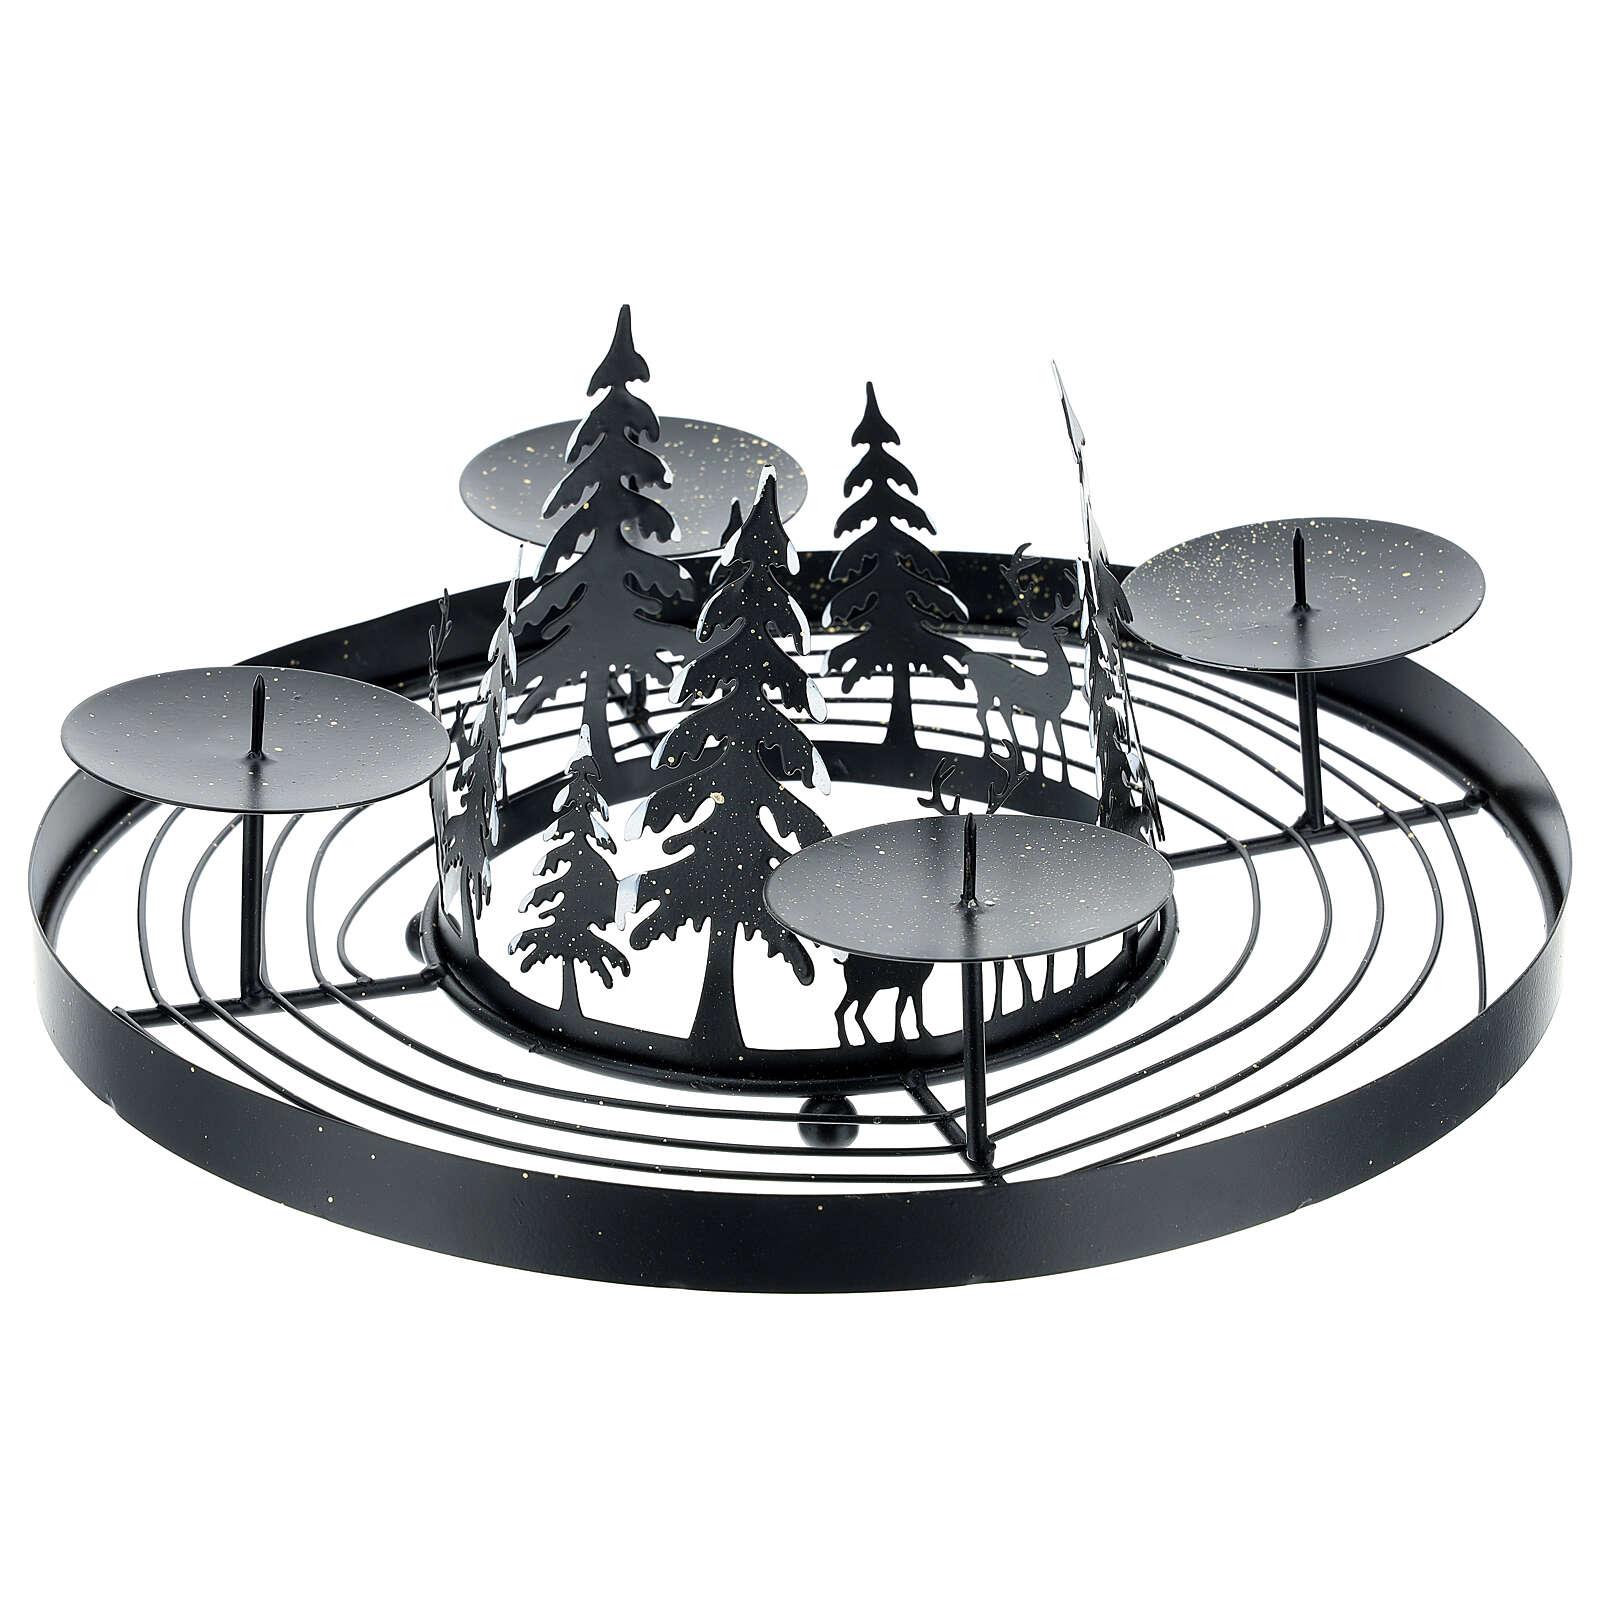 Corona Avvento foresta innevata punzoni 30 cm 3